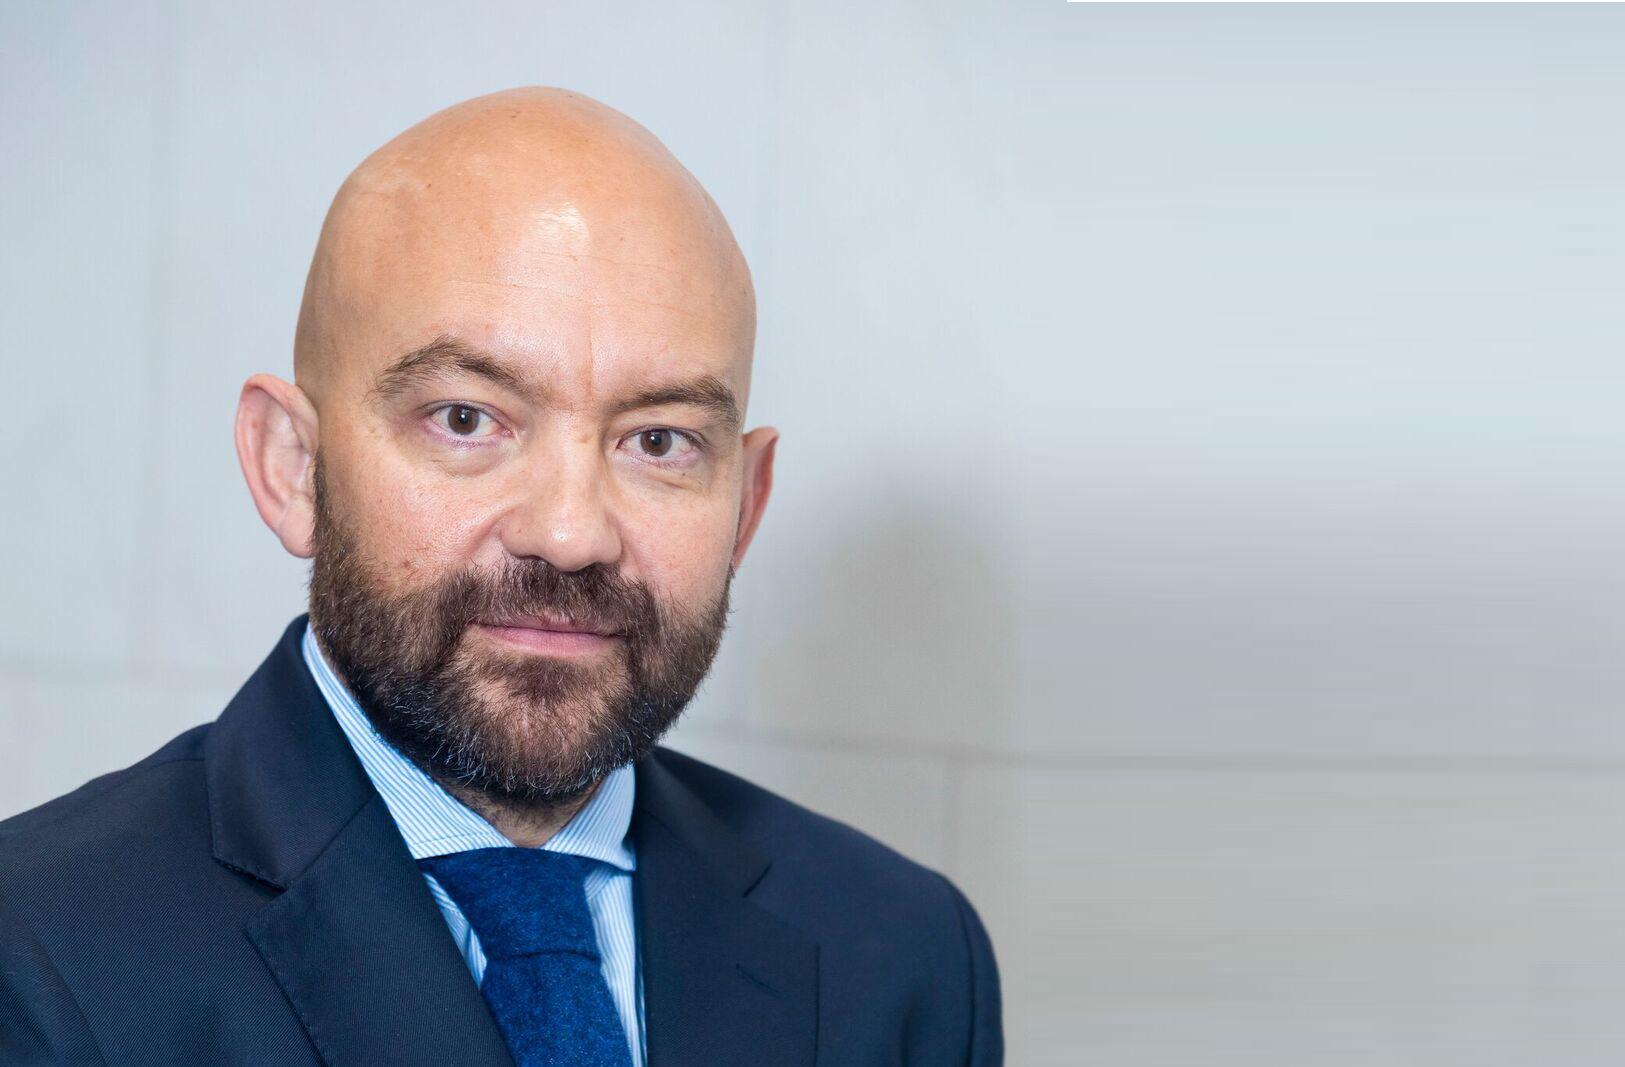 Jaime García-Legaz, presidente de la sección española del Comité Empresarial Hispano-cubano y presidente actual de AENA